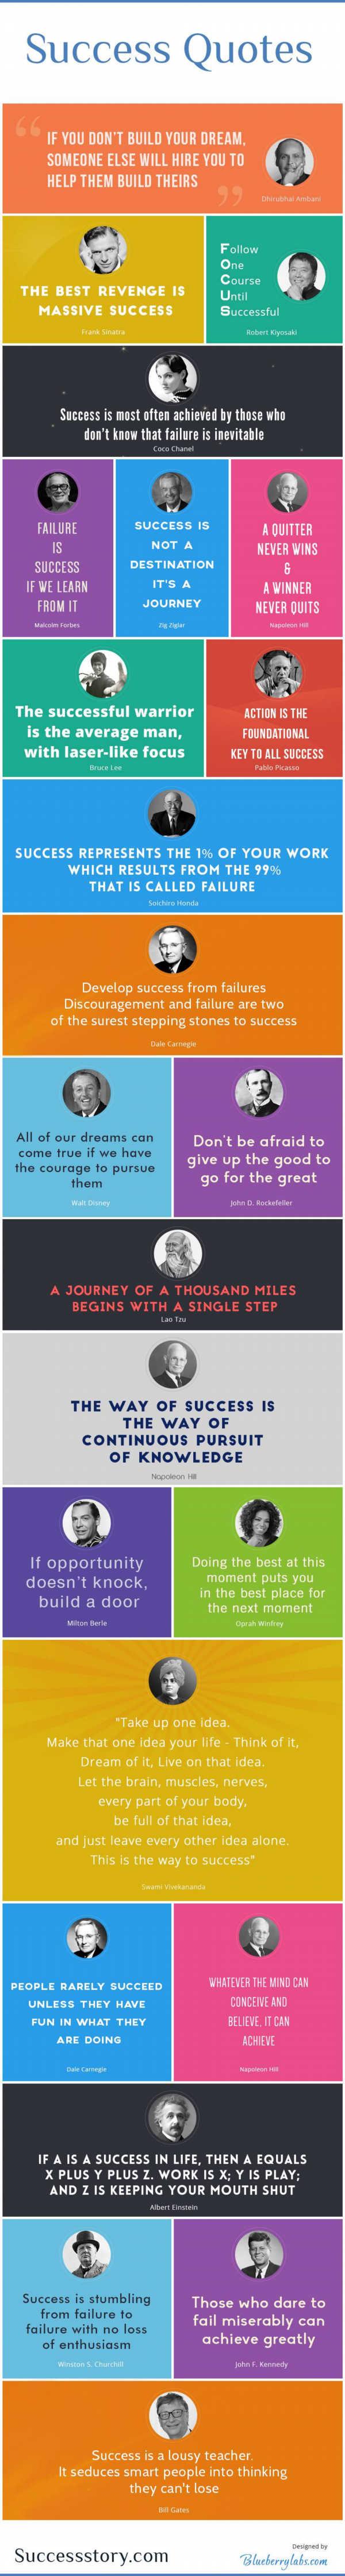 Success Quotes Infographic